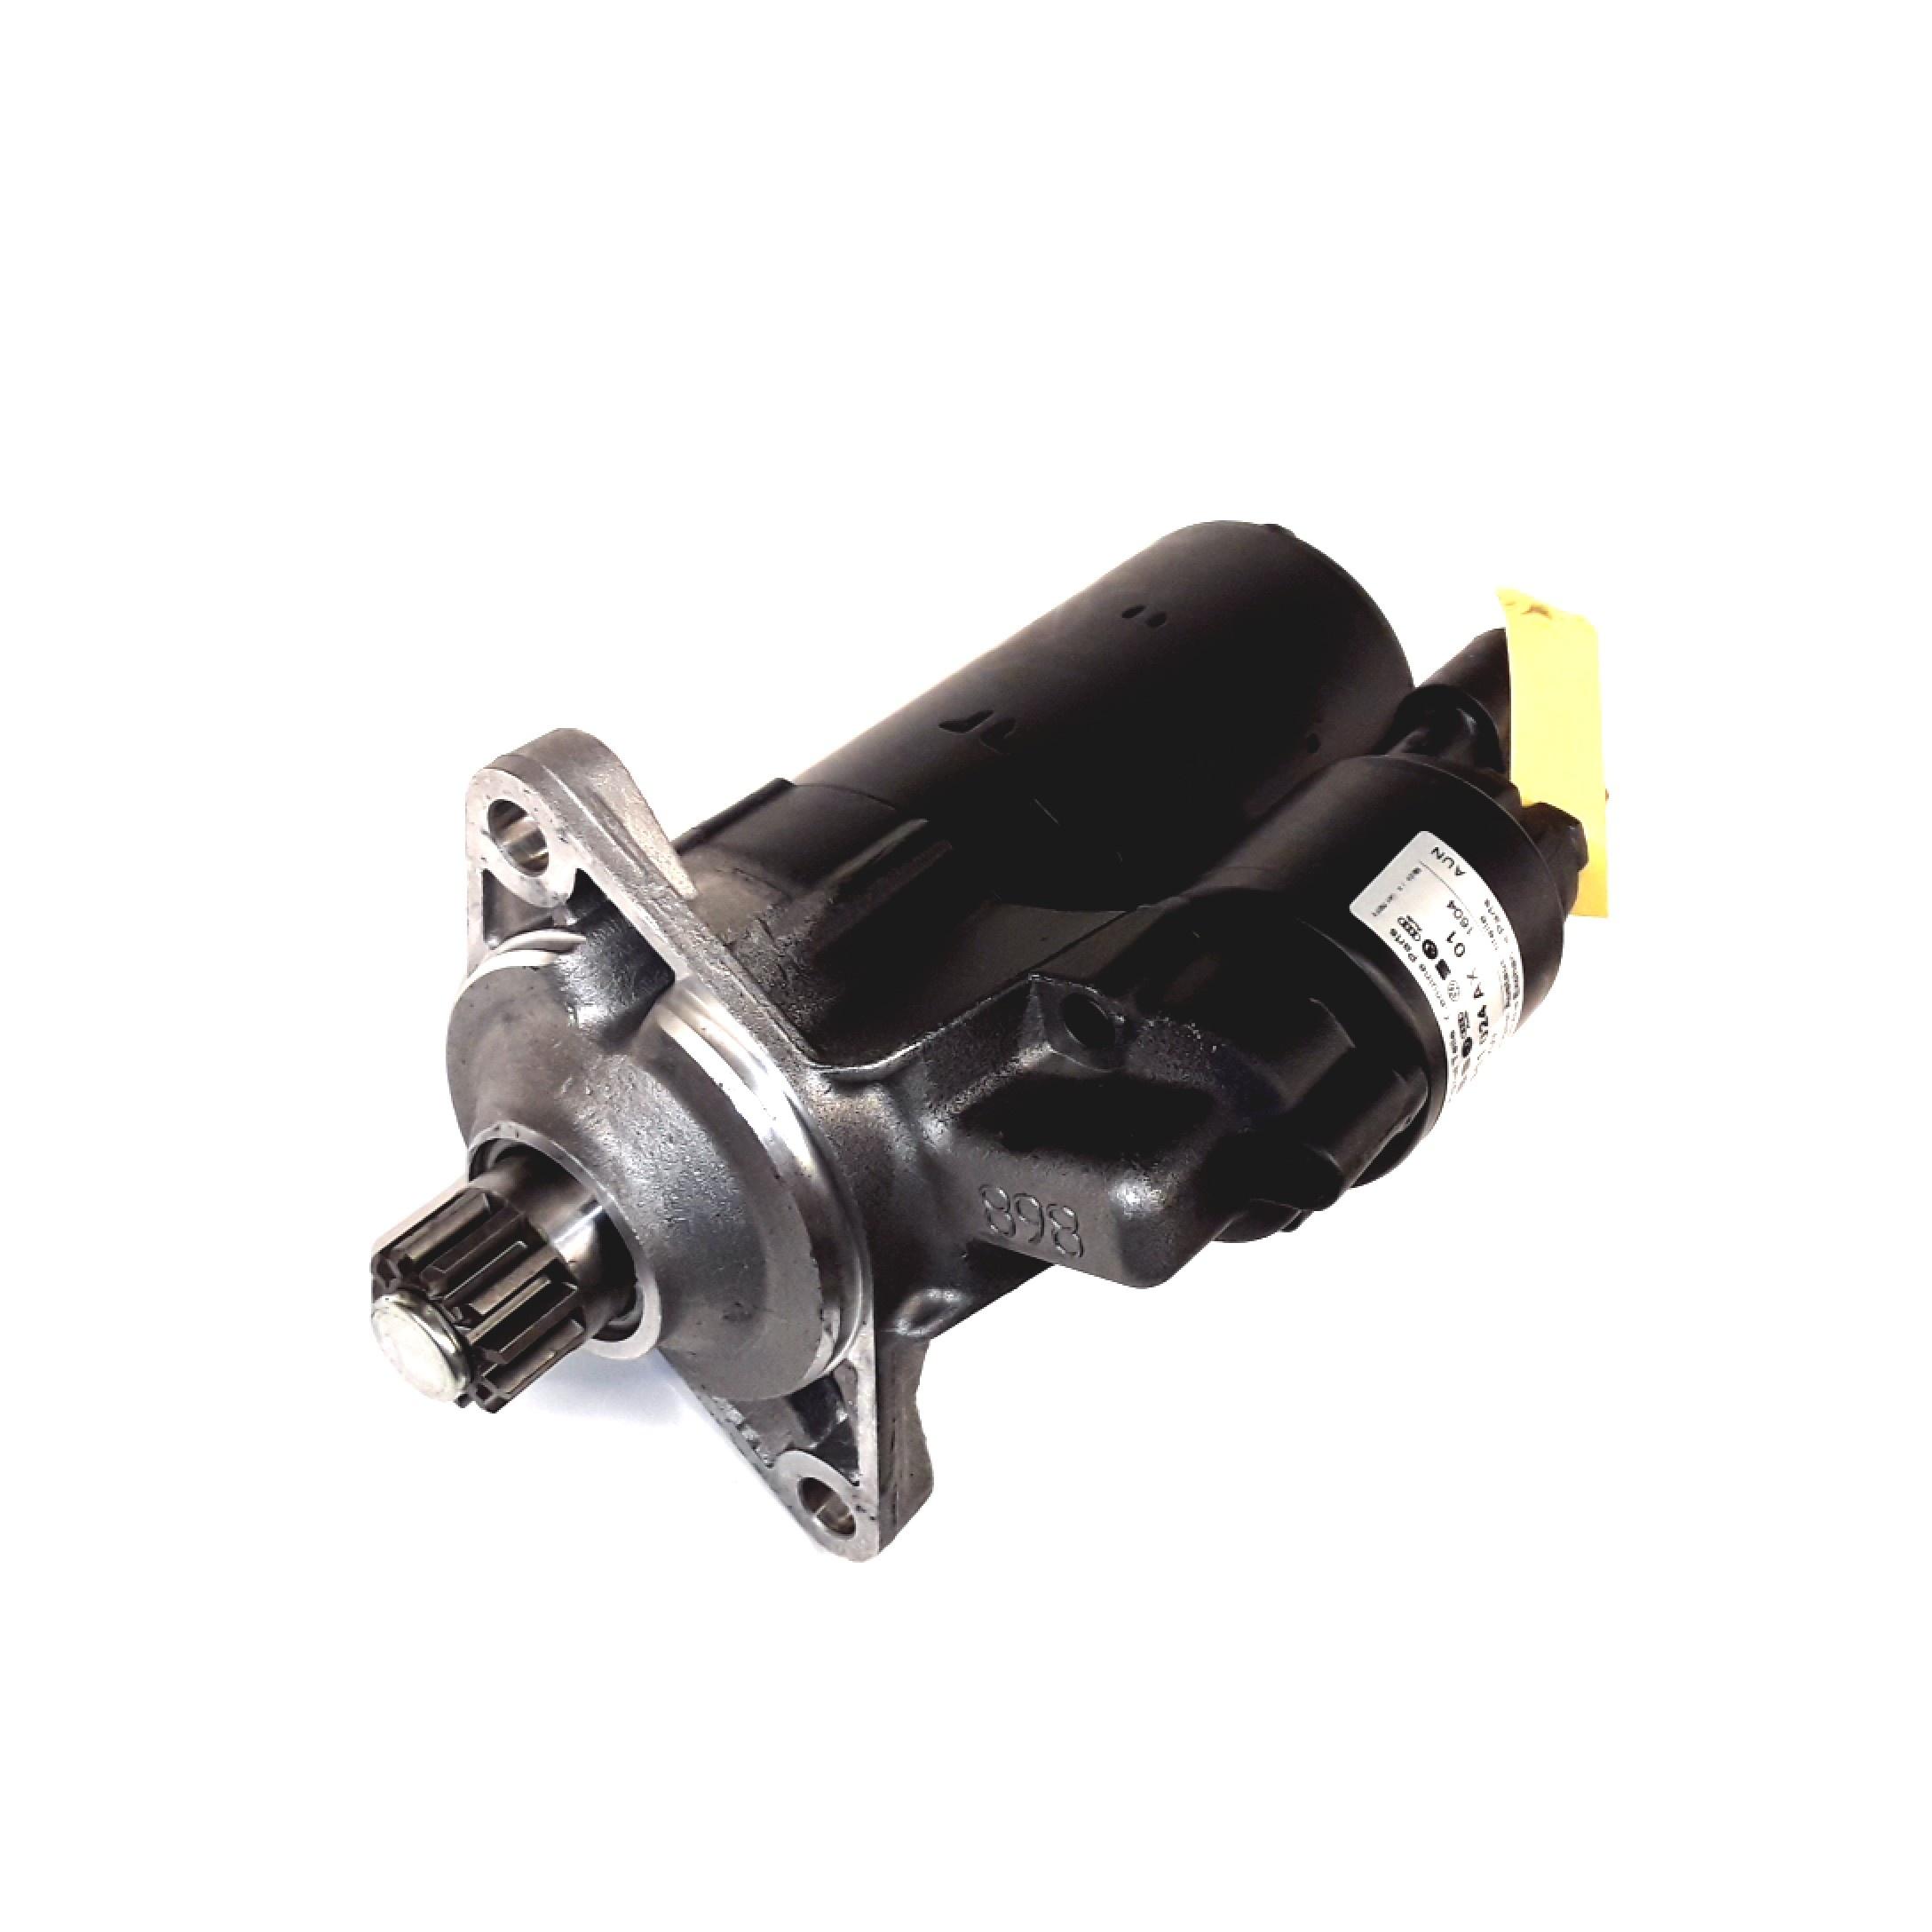 Vw Beetle Motor Parts: 2015 Volkswagen Beetle Convertible Starter Motor. 1.1 Kw